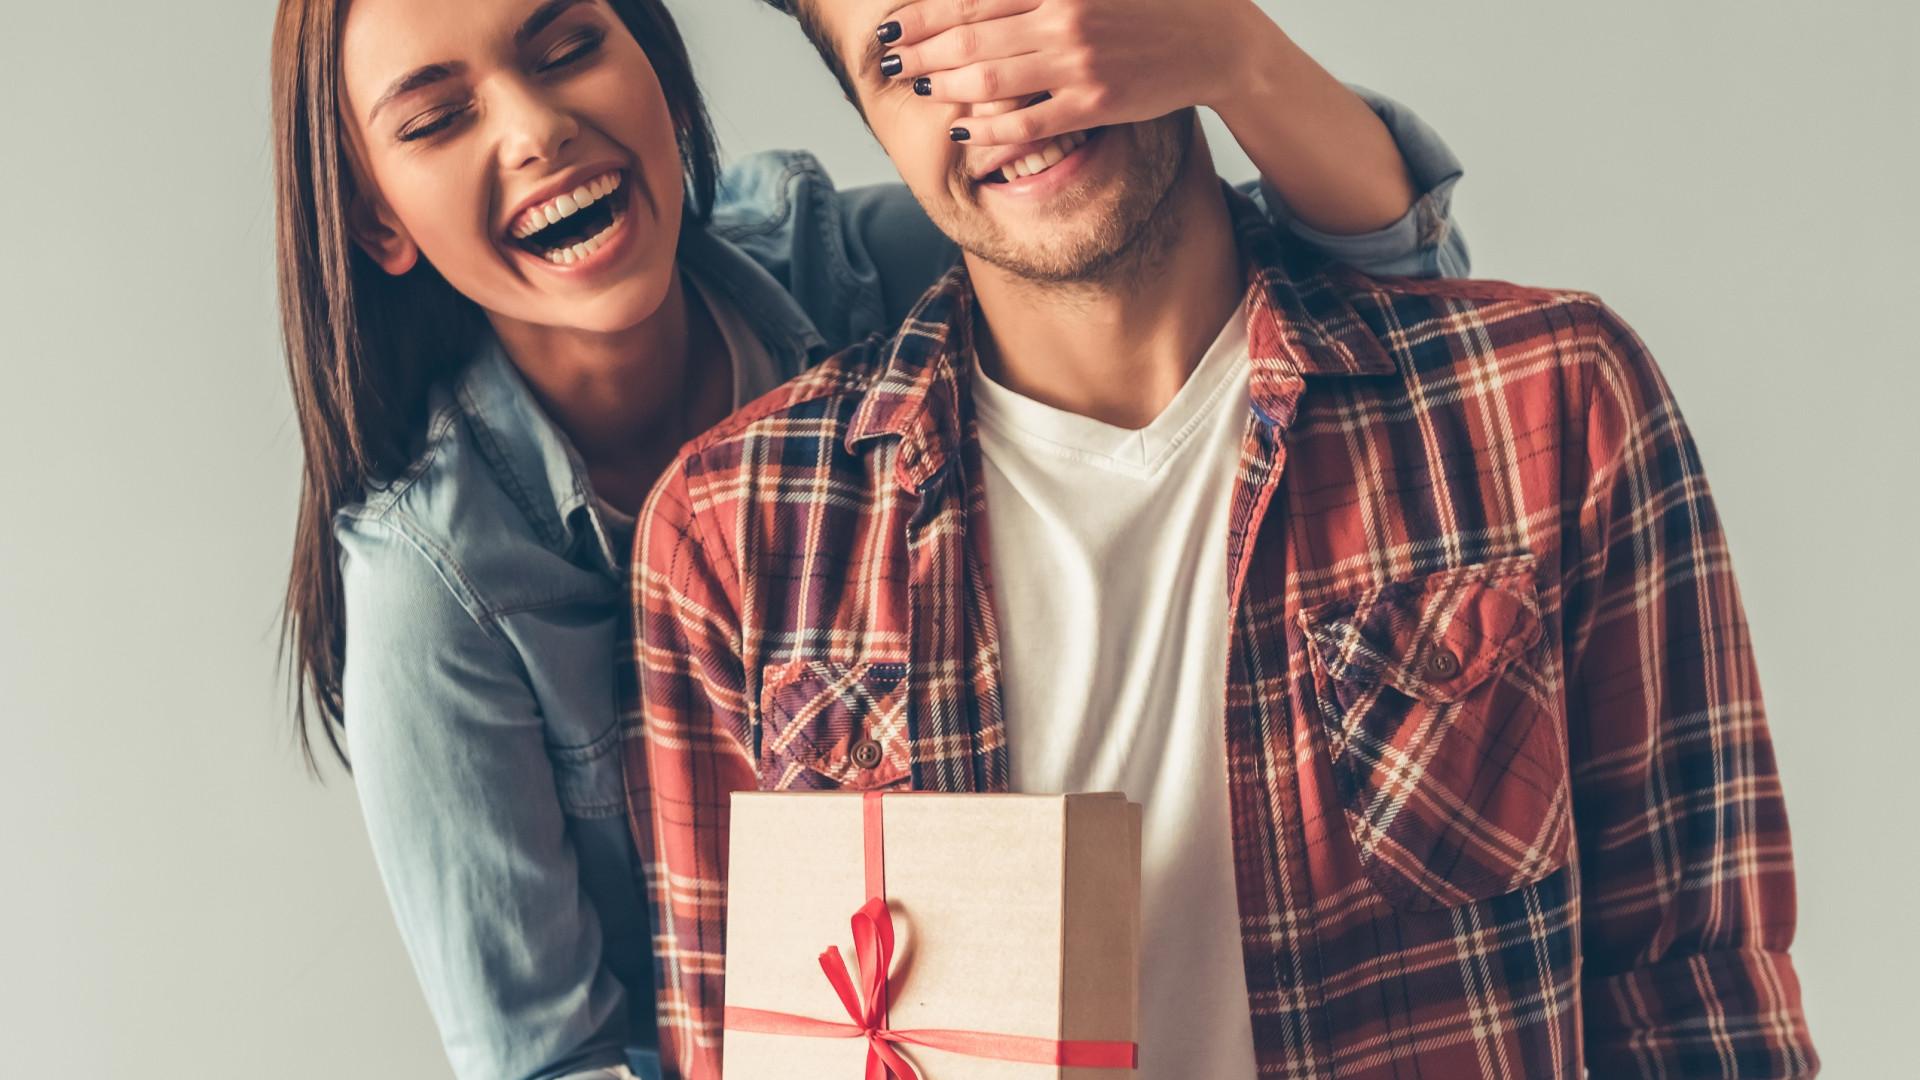 O guia essencial de oito passos para reciclar no Dia dos Namorados